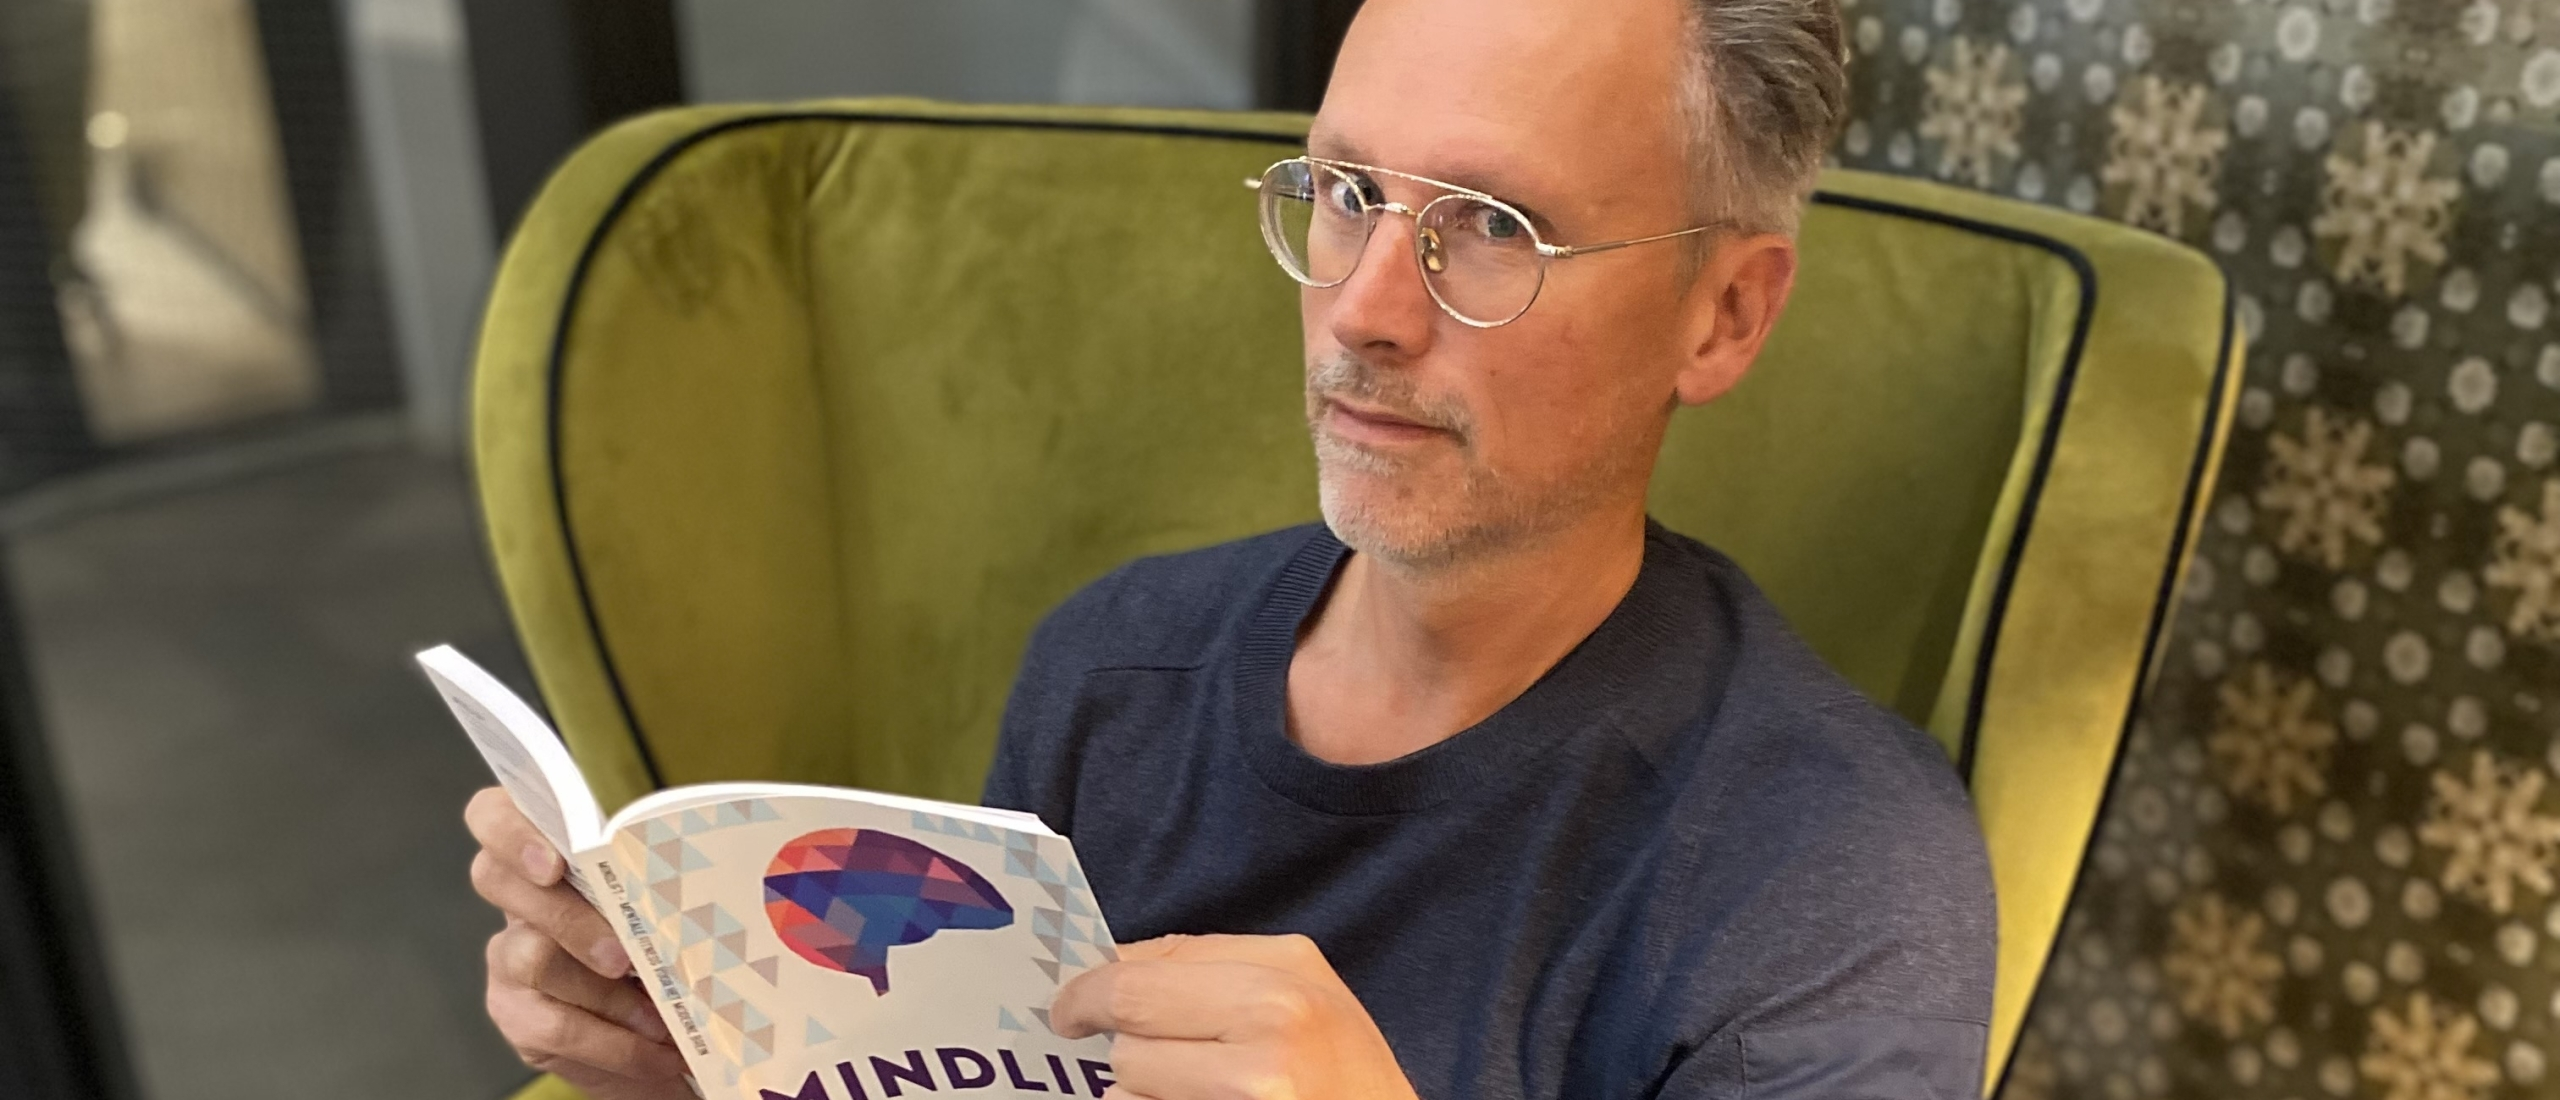 Lees boeken om te leren